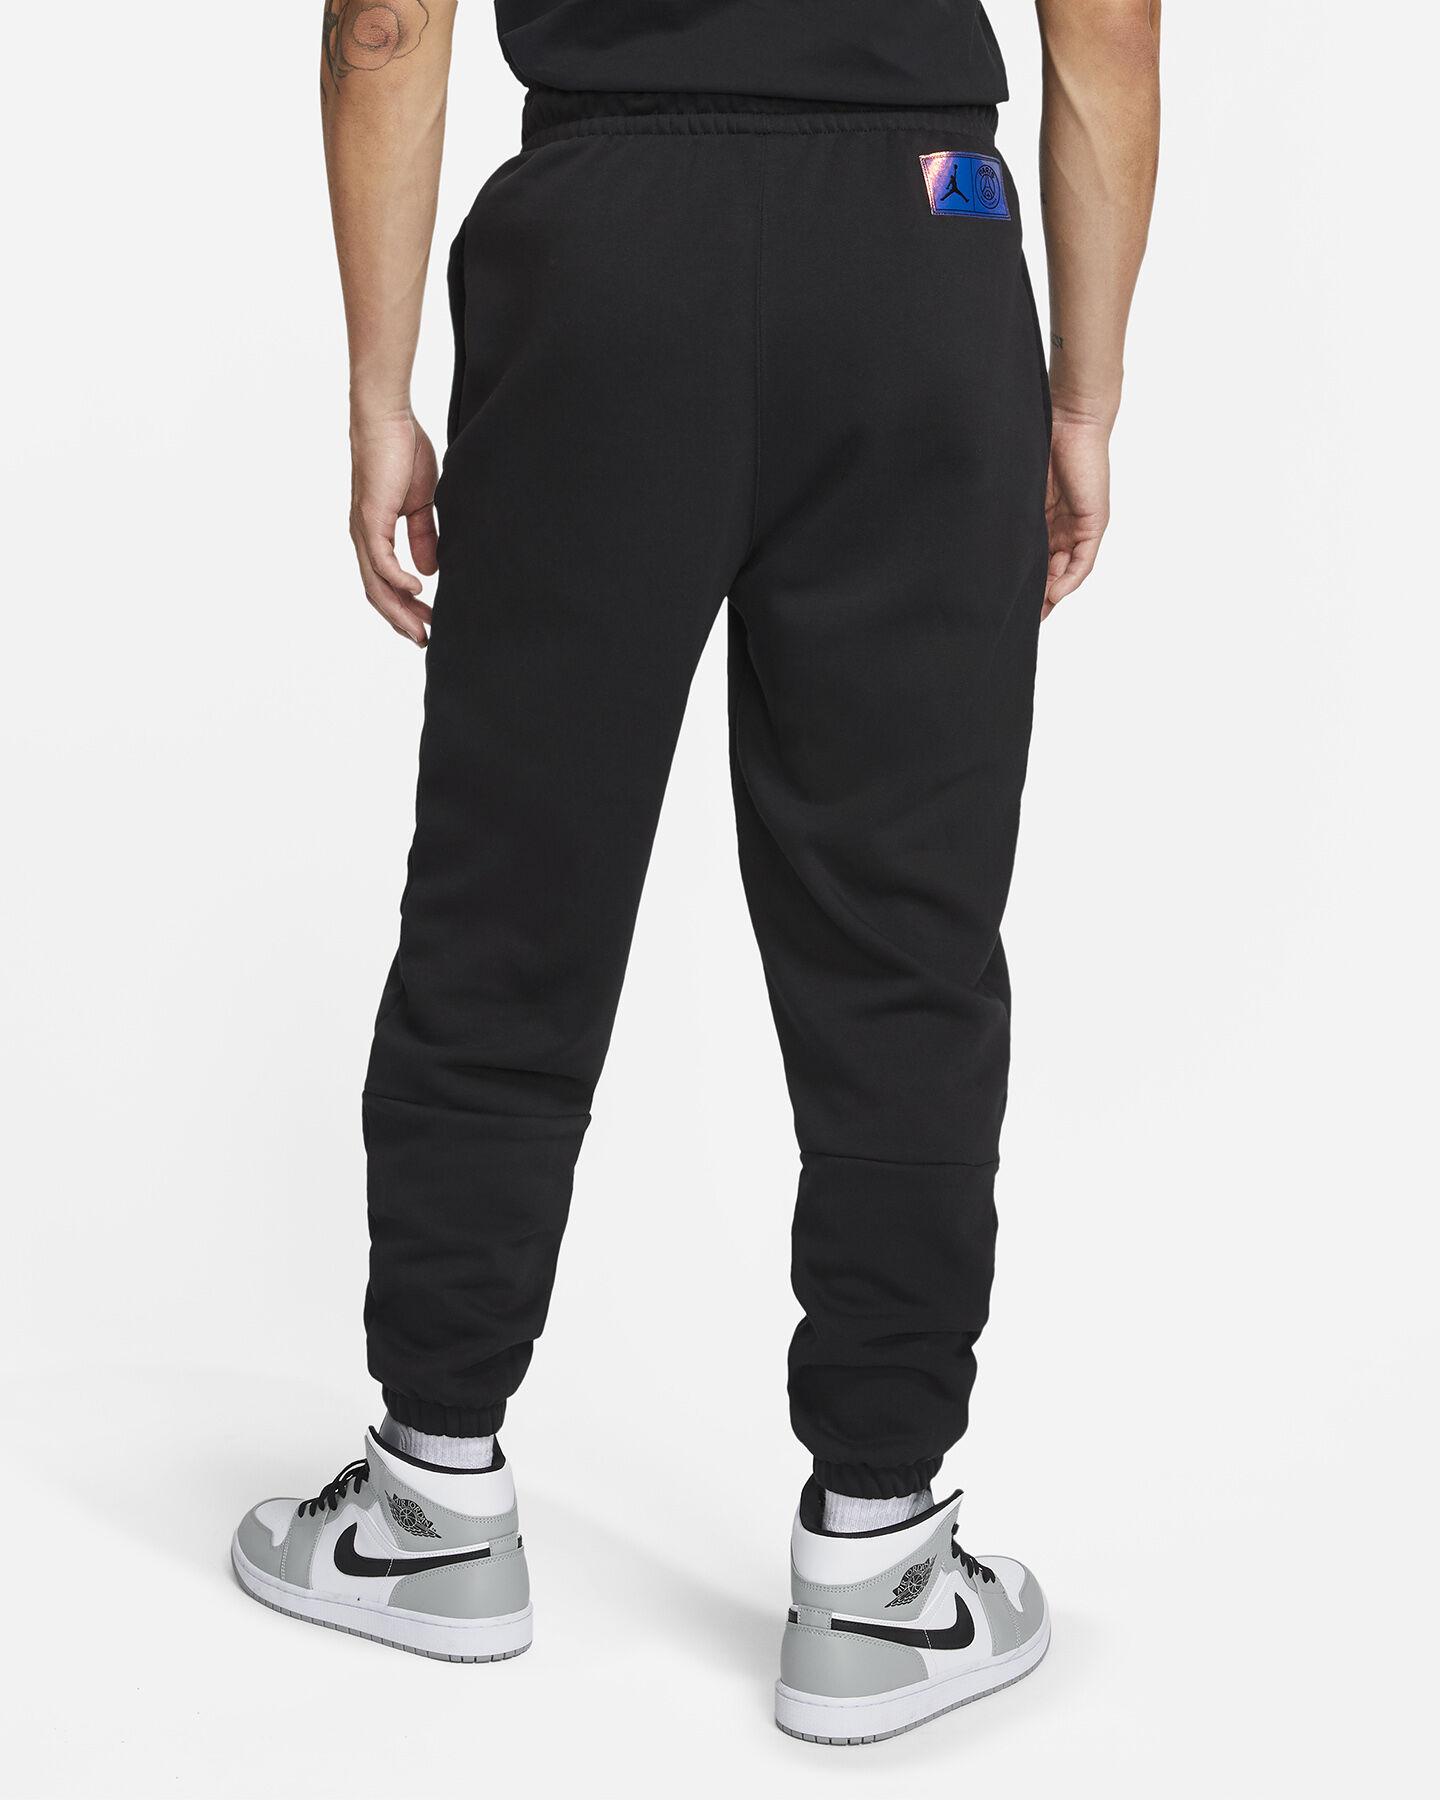 Pantalone NIKE JORDAN PSG M S5267640 scatto 3